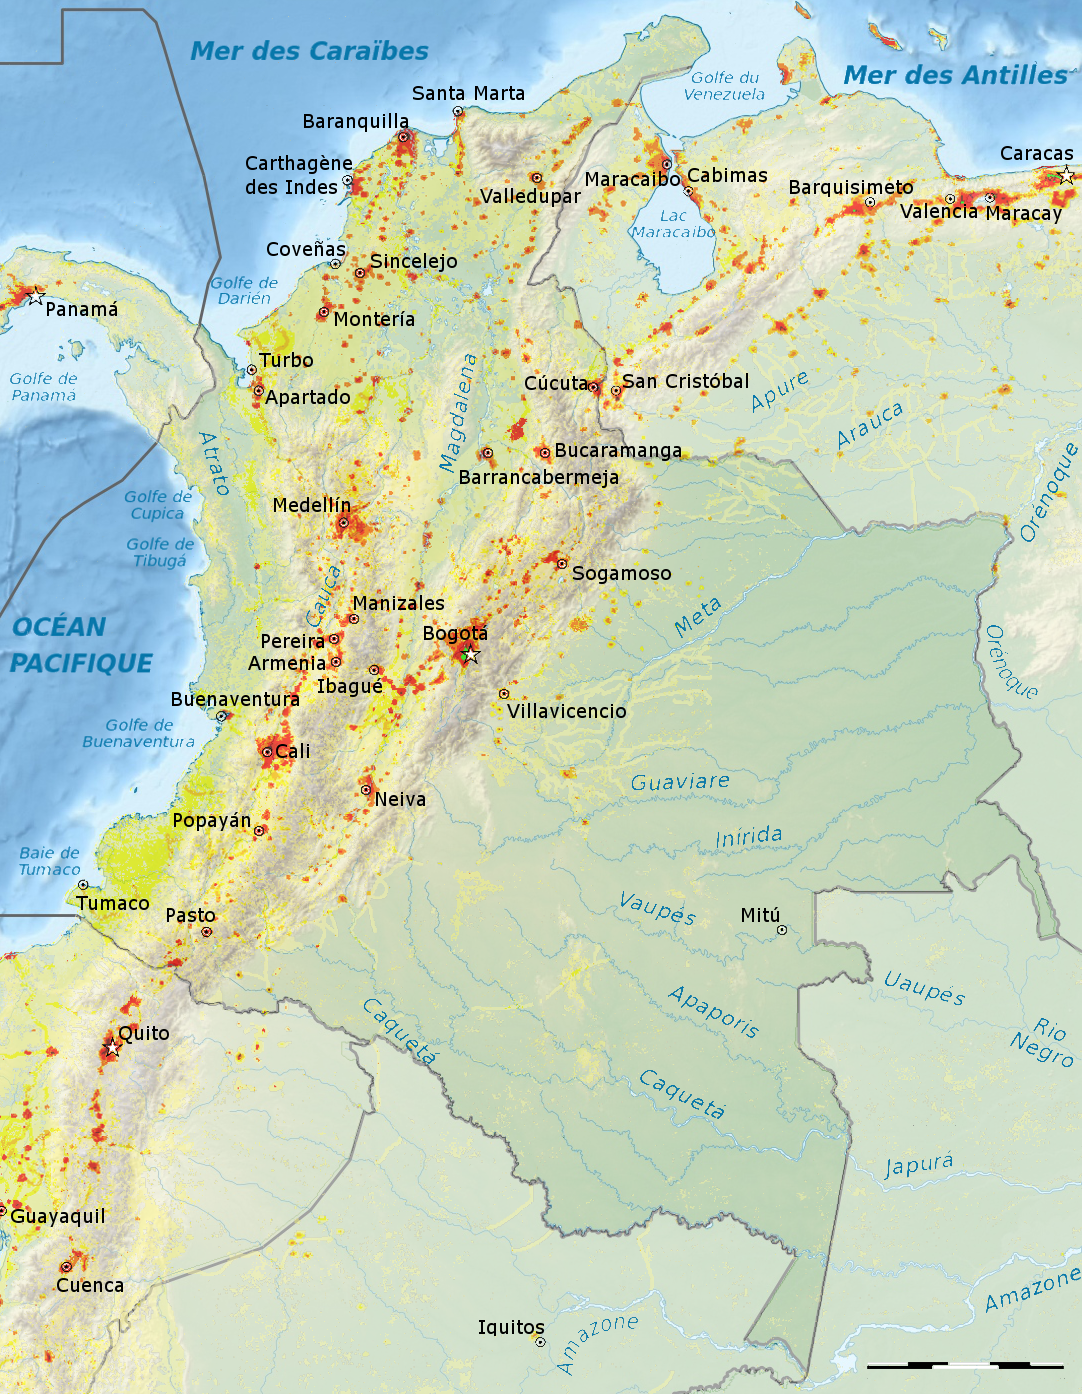 Colombie Densité 2007 Carte Populationdatanet